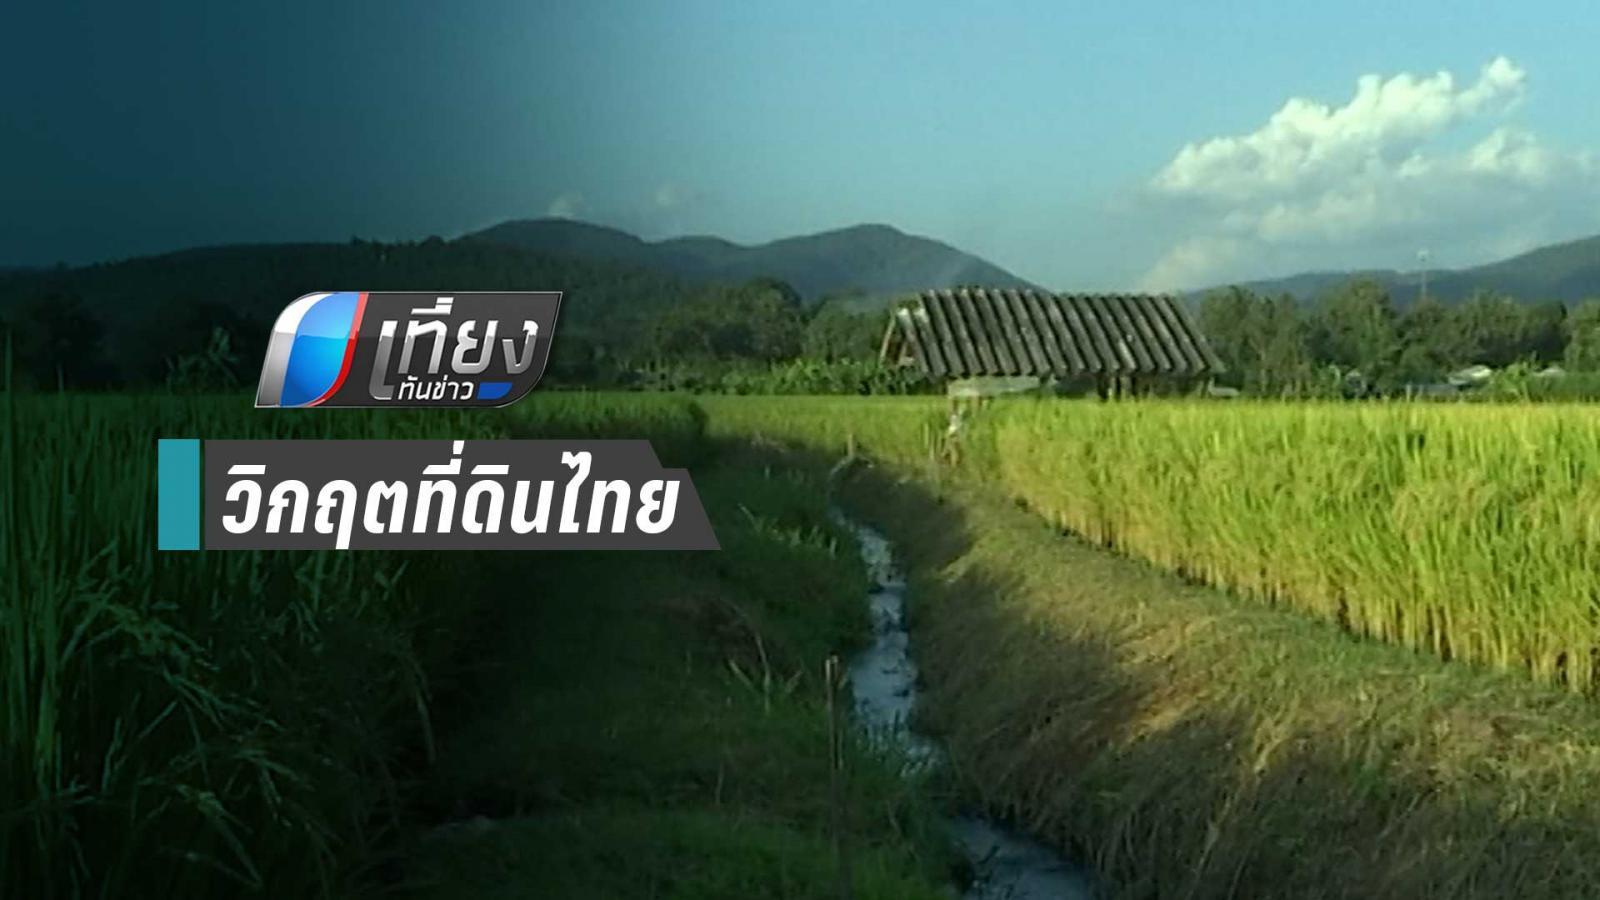 นักวิชาการชี้วิกฤตที่ดินไทย เหตุคนรวยกว้านซื้อหมด